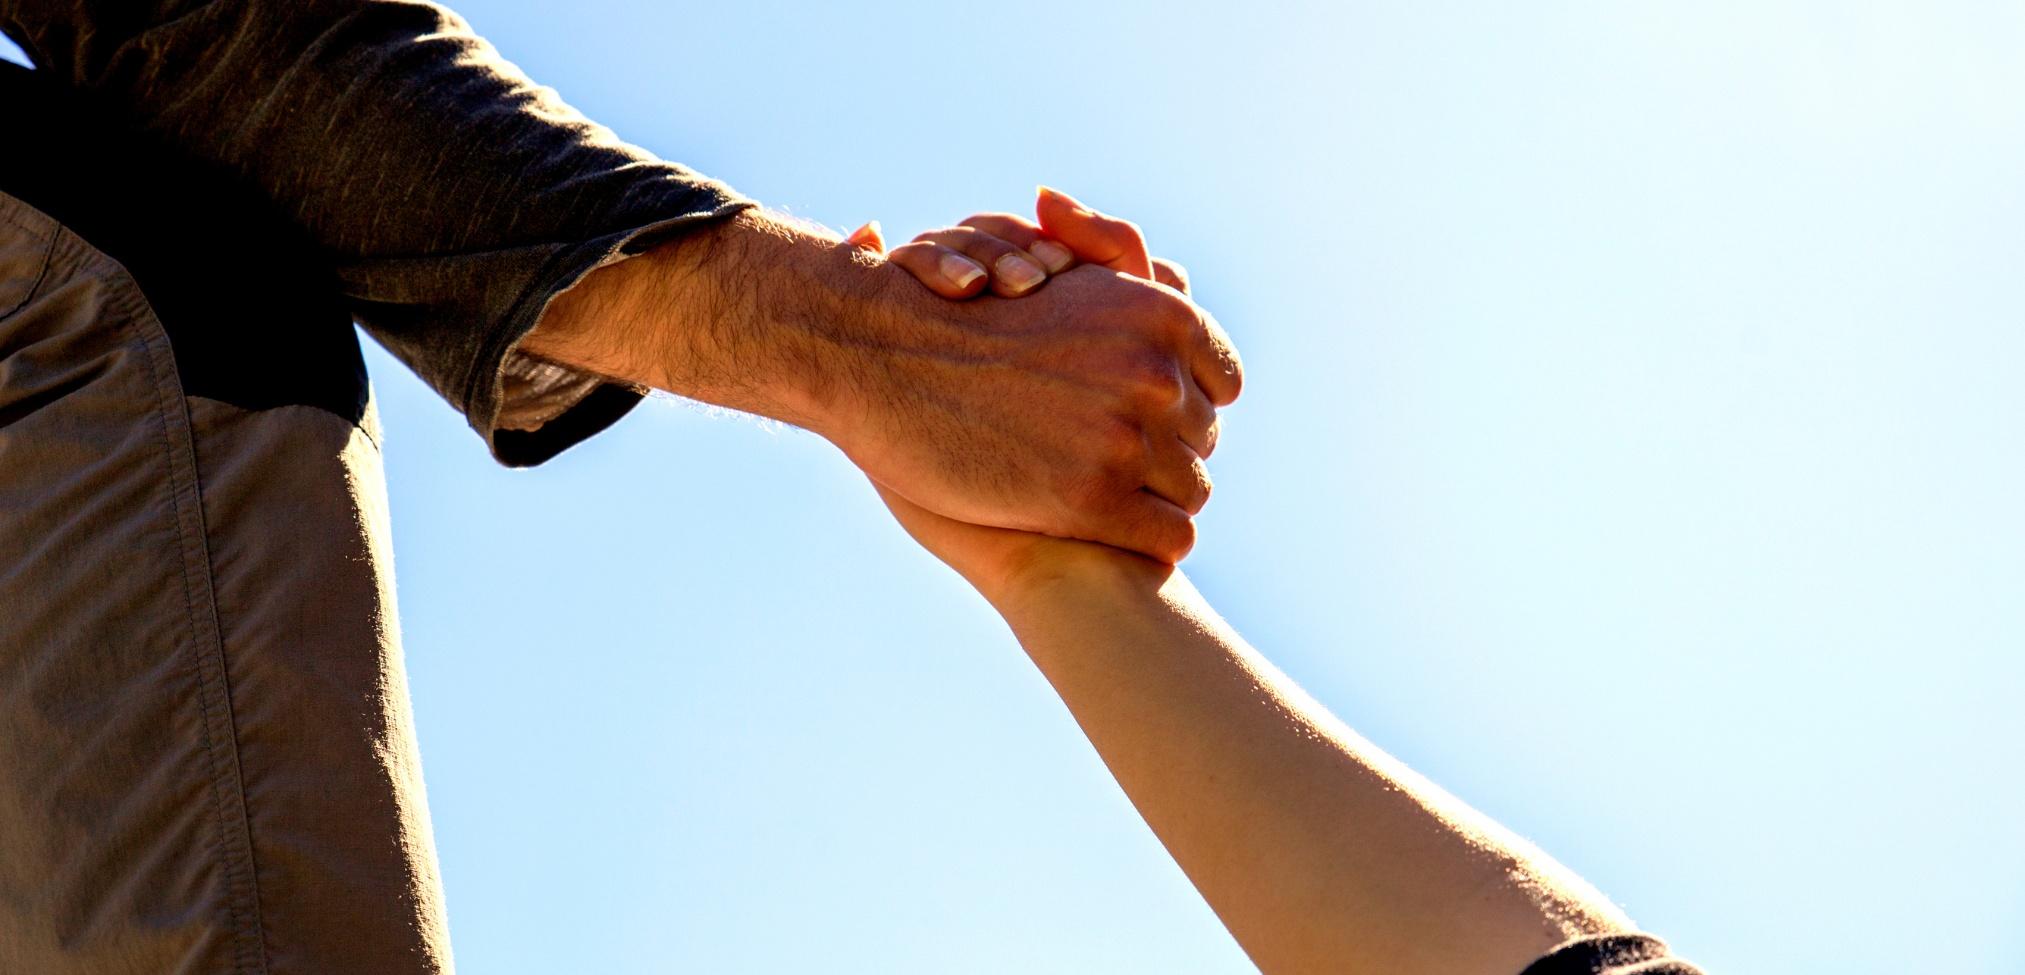 """Imagen de portada de sección """"Impacto social"""" en donde se visualiza una mano agarrando y levantando la de otra persona"""